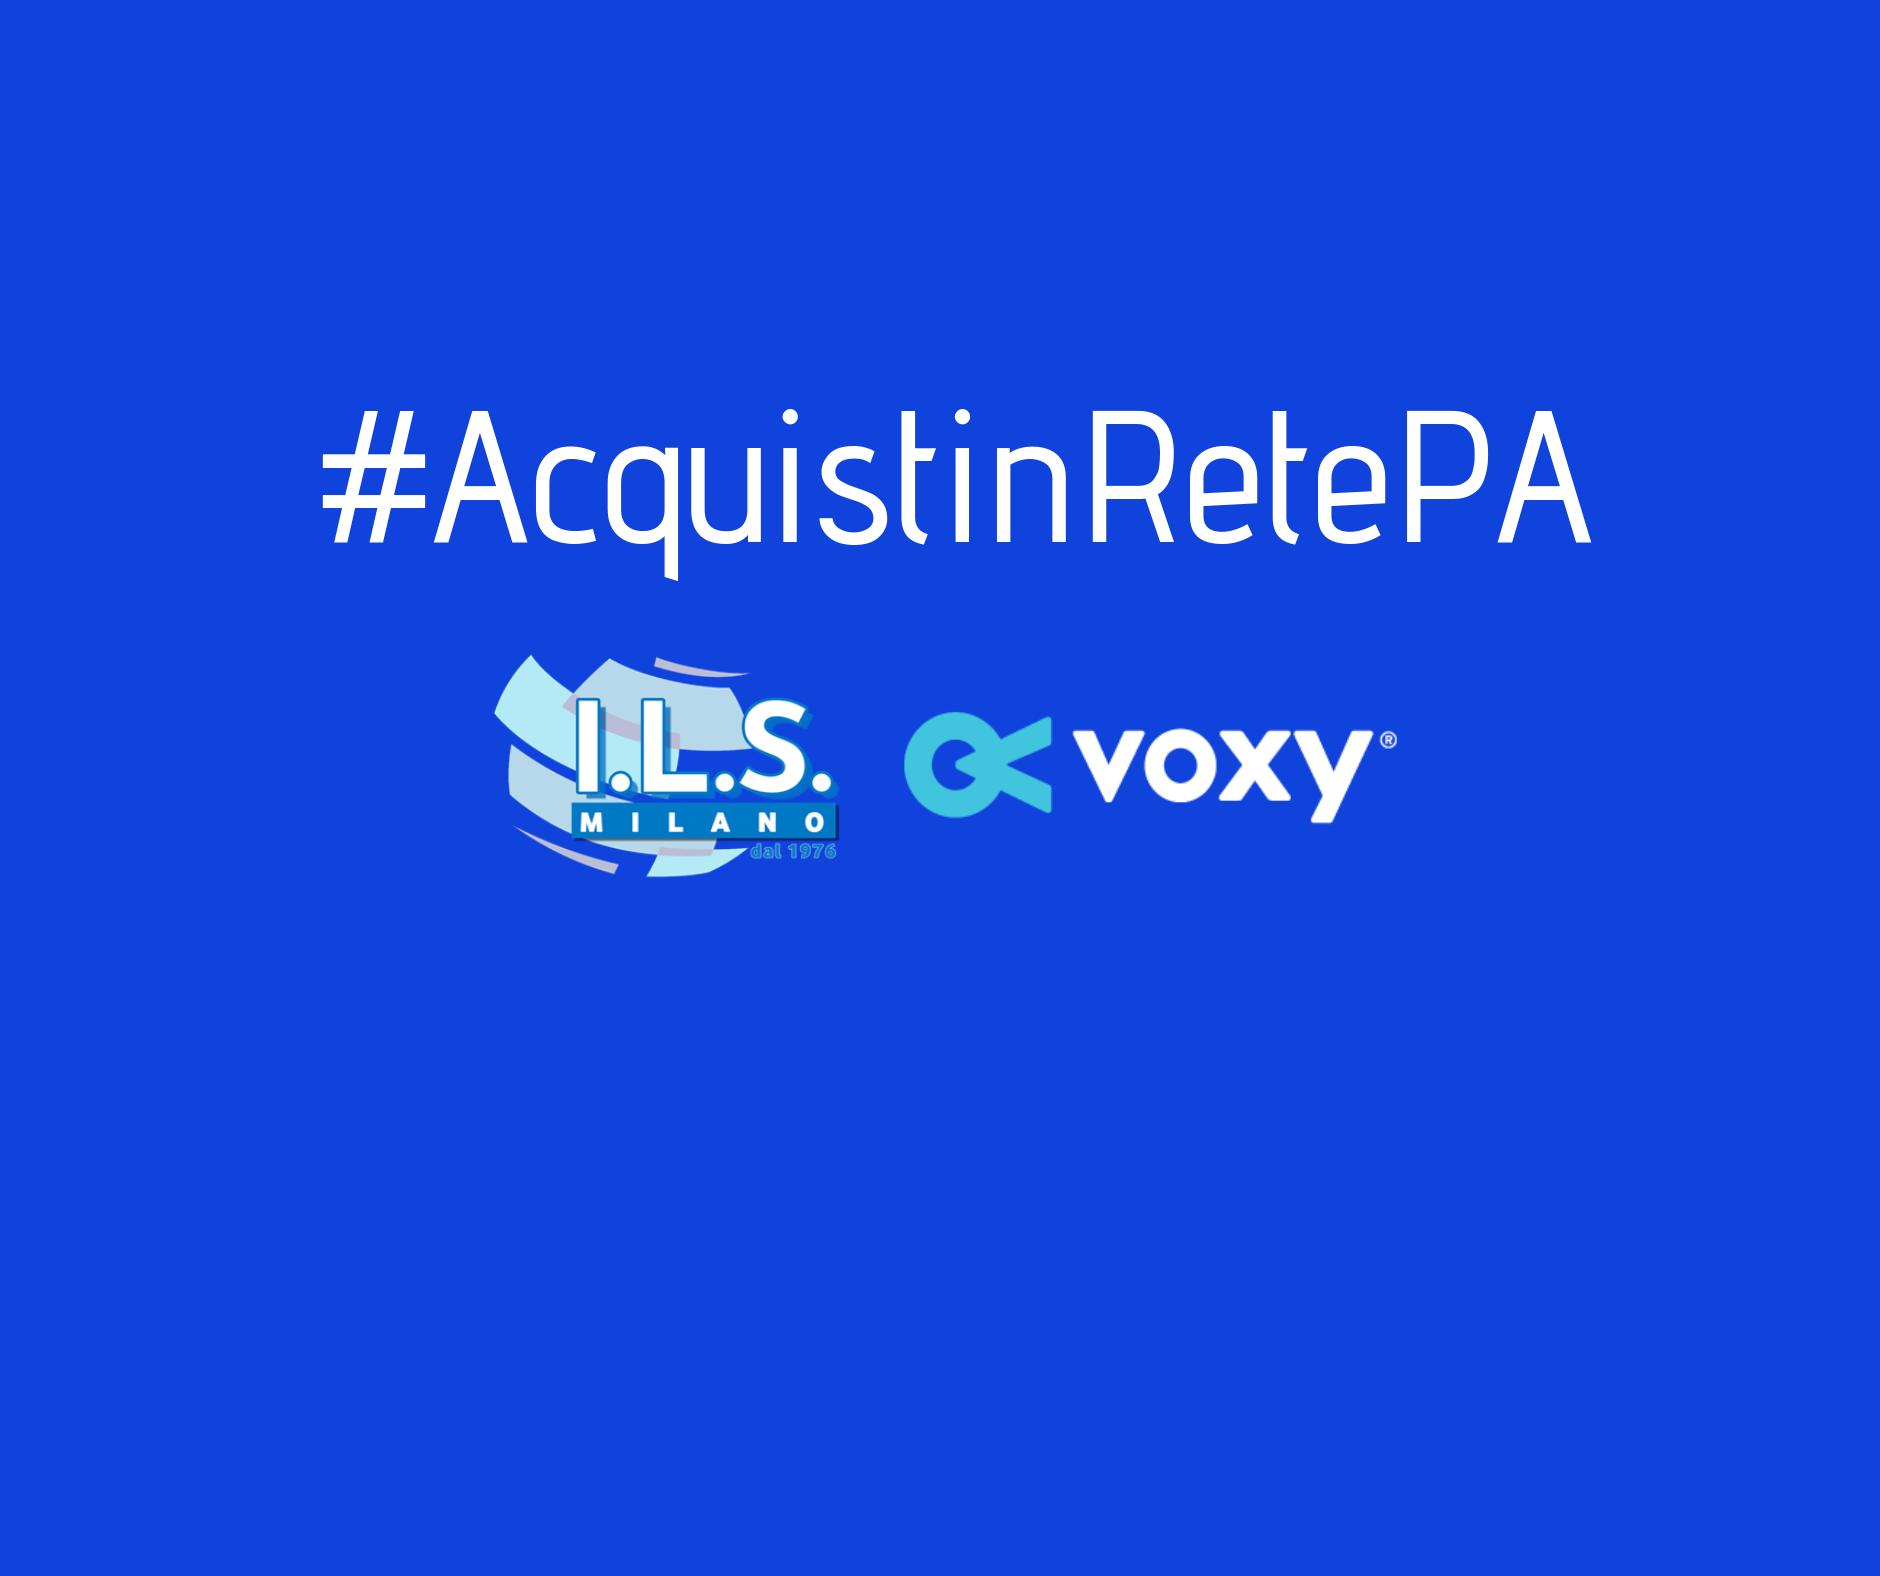 I corsi di inglese online Voxy sono su AcquistinRetePA